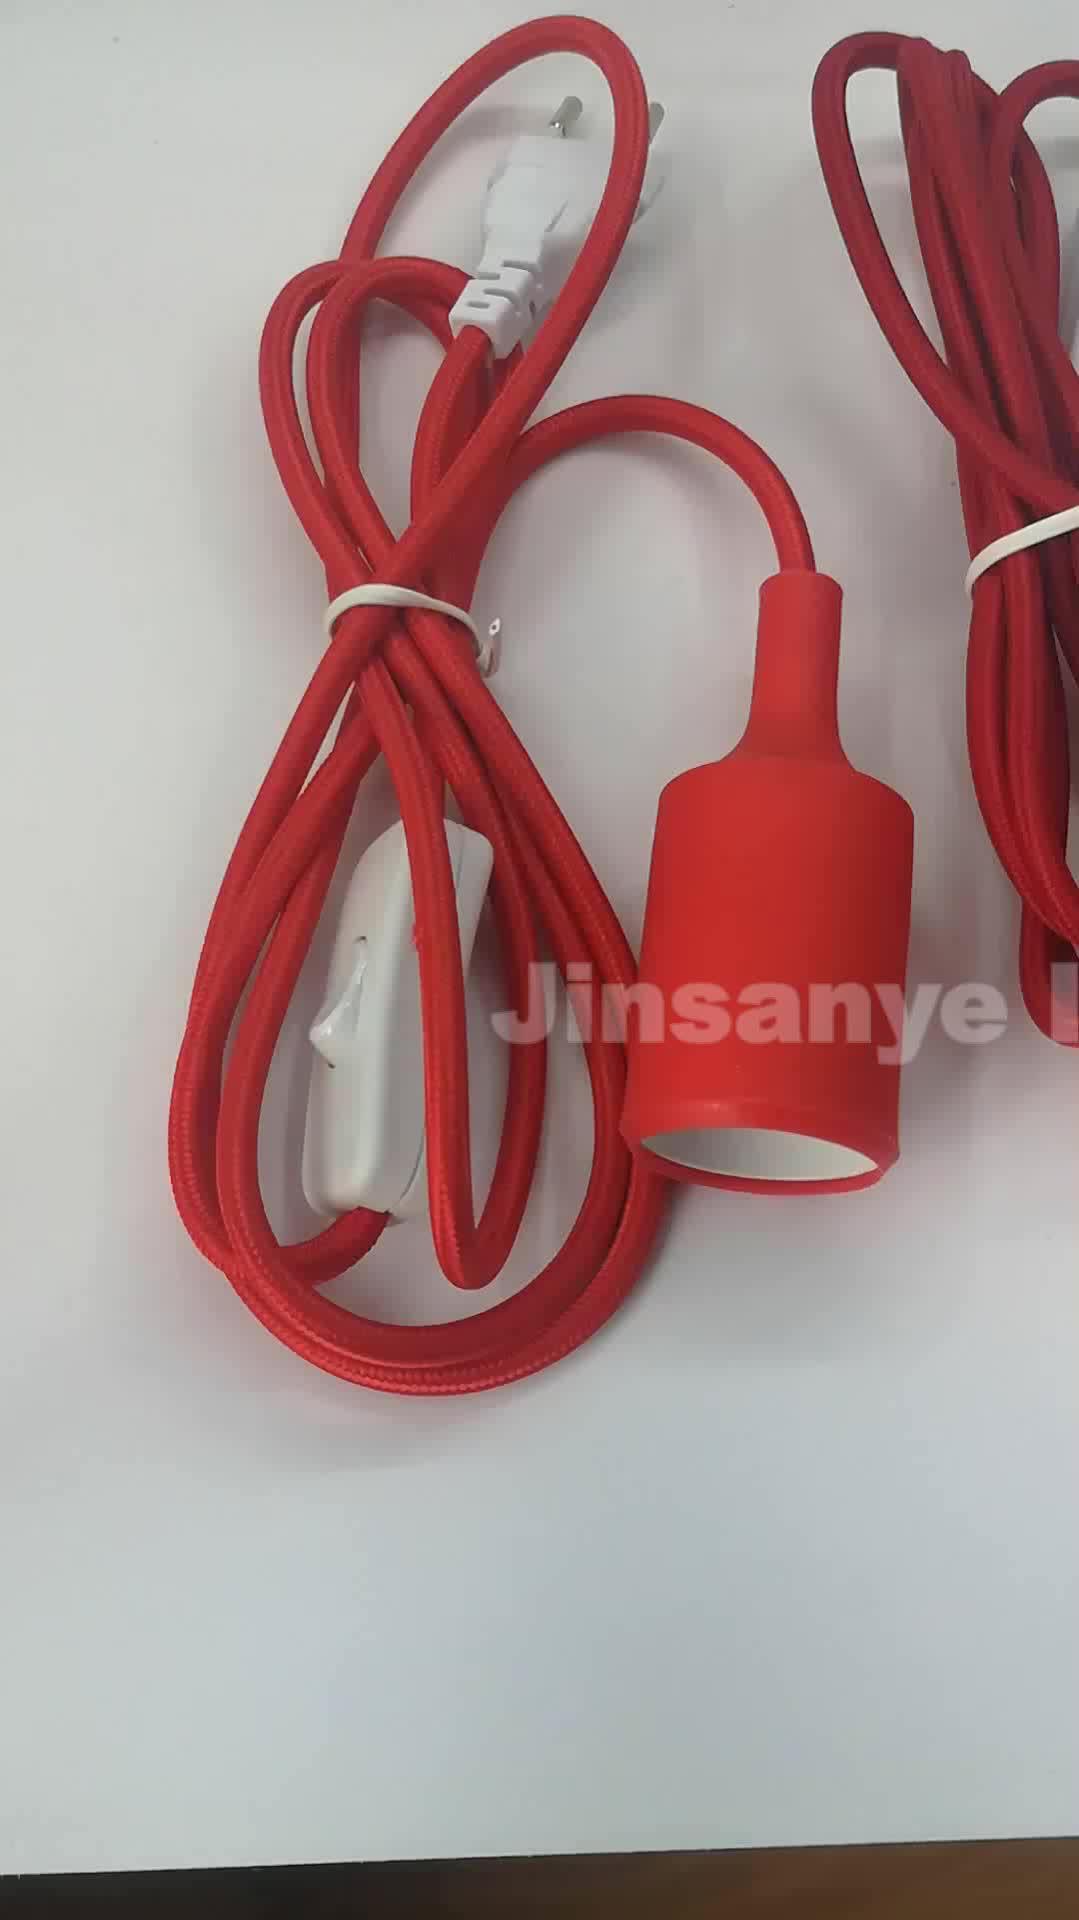 Op off/dimmer plug in elektrische textiel kabel elektrische draad uk verlengsnoer met 3 verlichtingsarmaturen